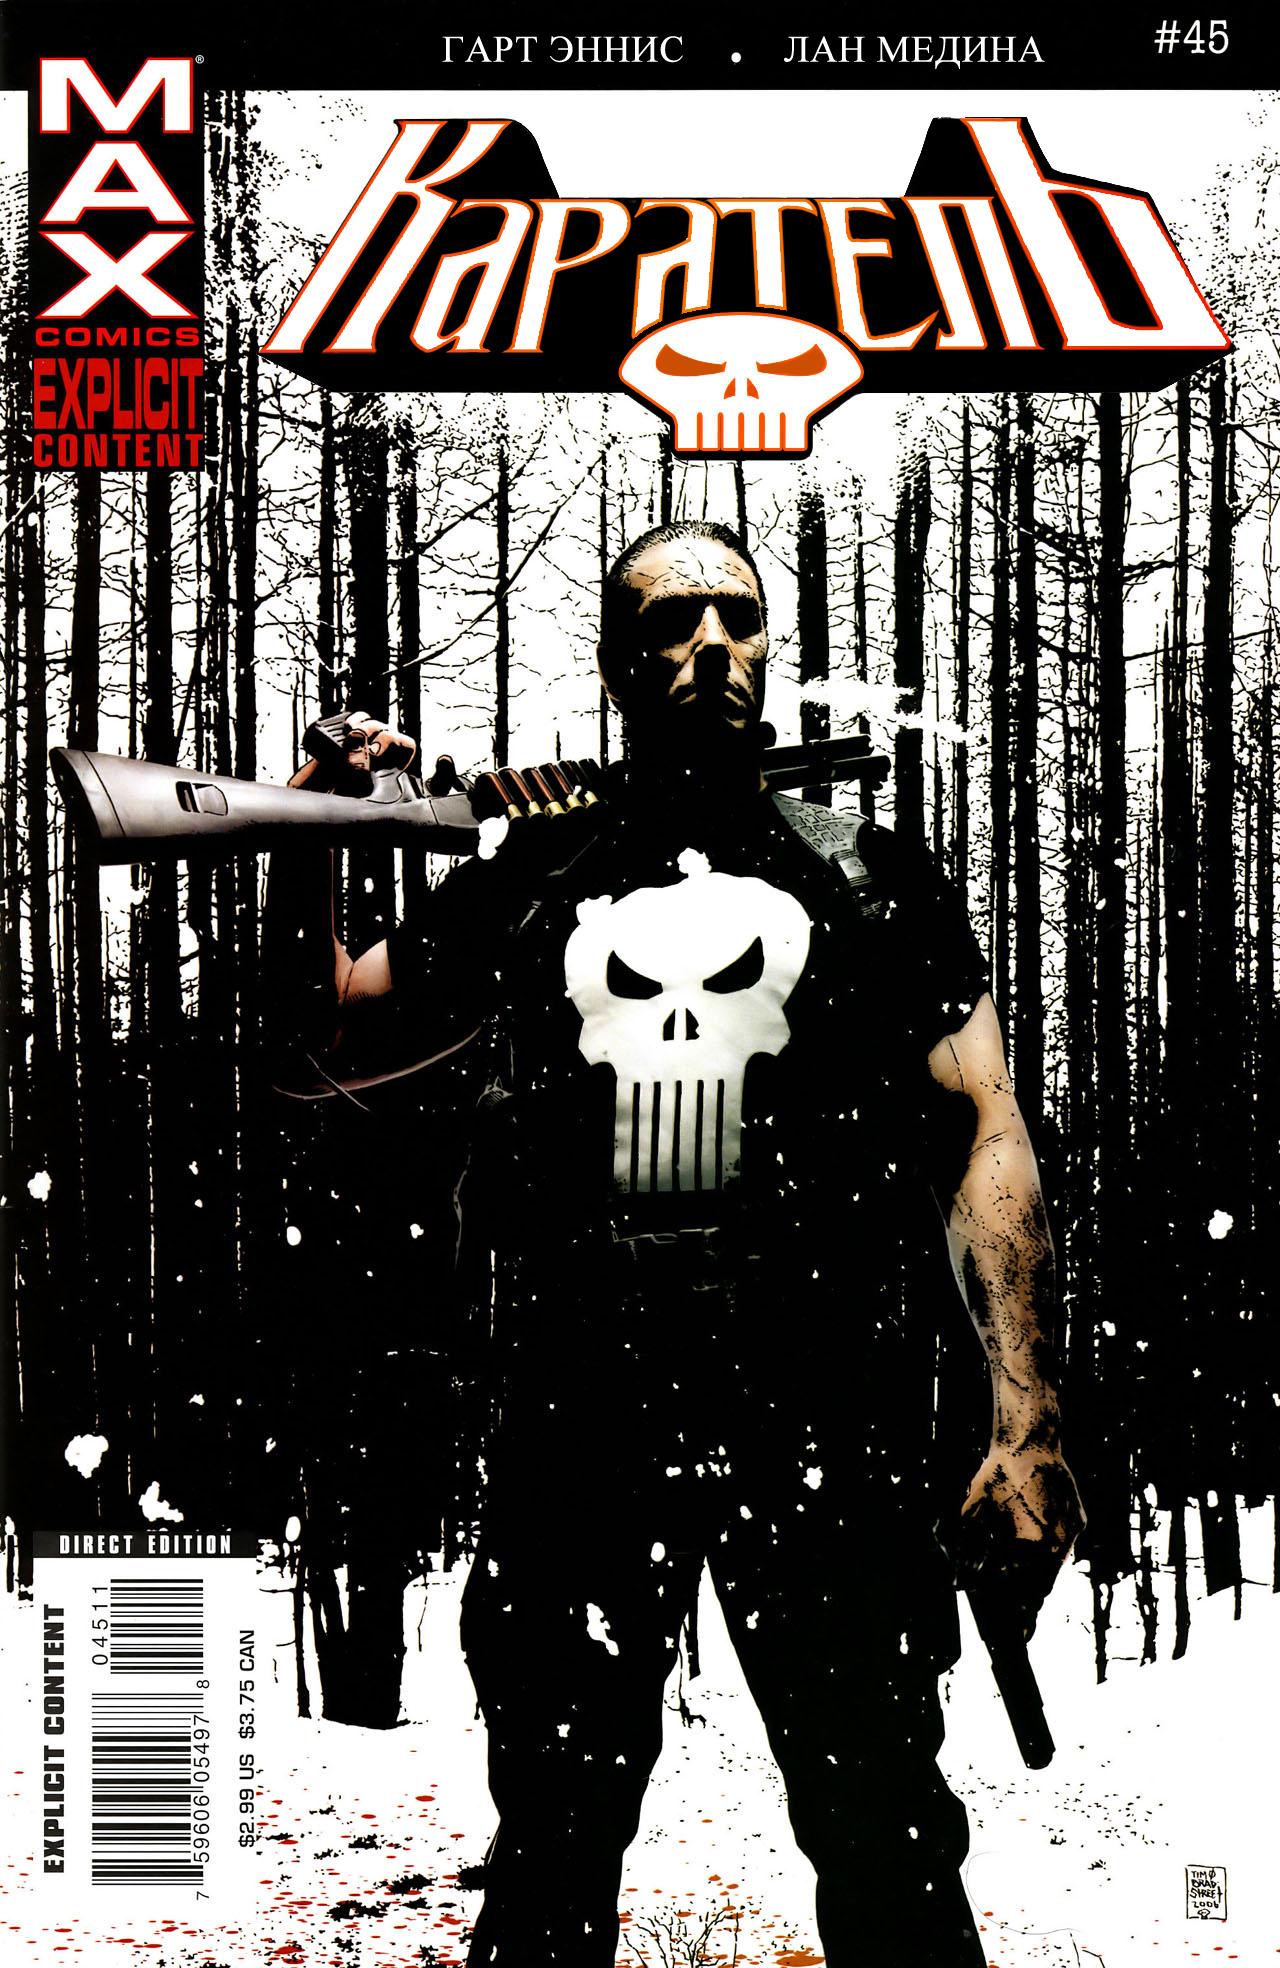 Комиксы Онлайн - Каратель том 6 - # 45 Вдоводел - часть третья - Страница №1 - Punisher vol 6 - Punisher v 6 # 45